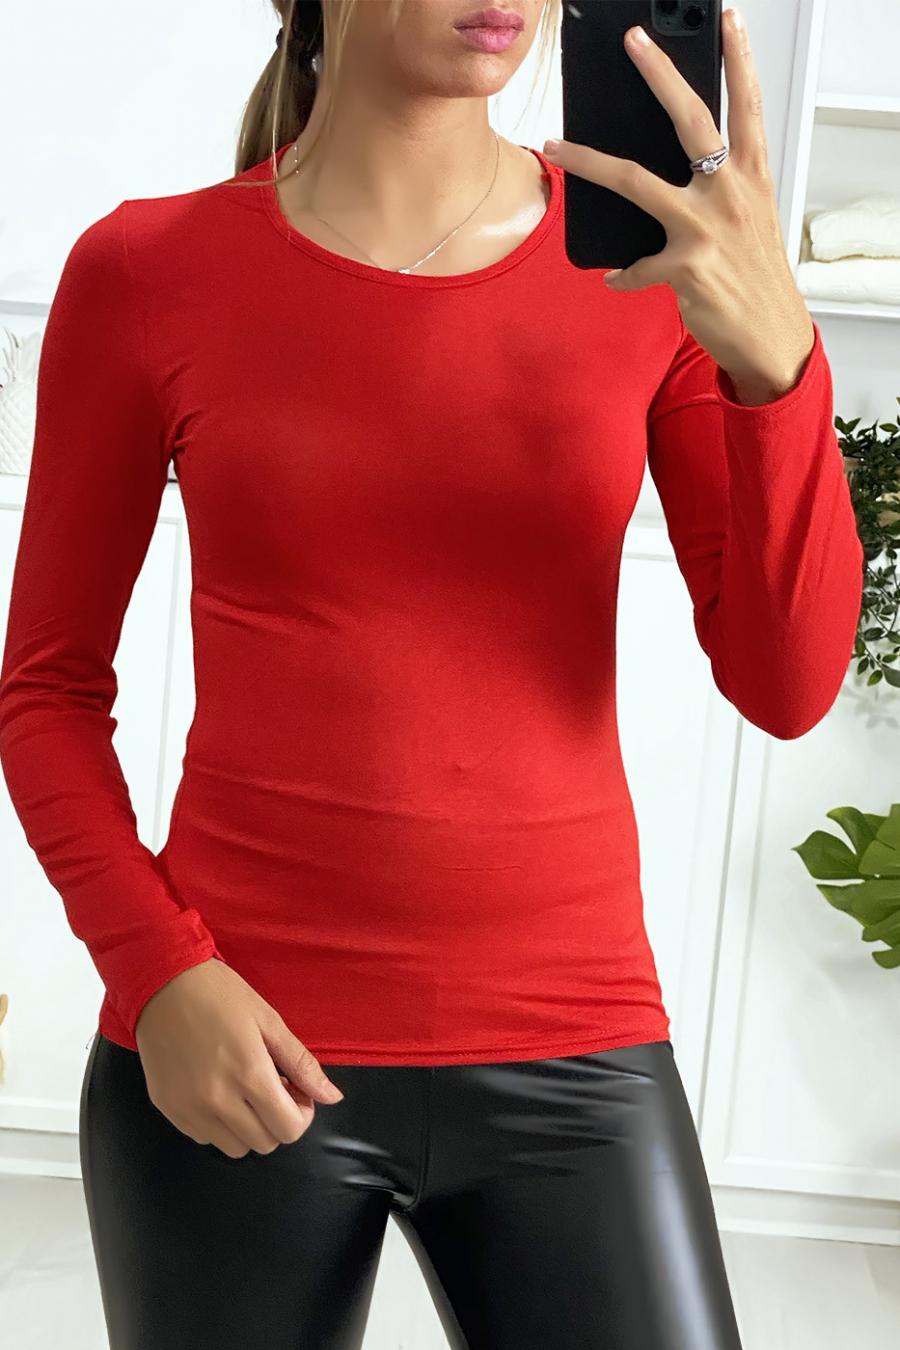 Sous-pull rouge à col rond très tendance. Vêtement femme pas cher.